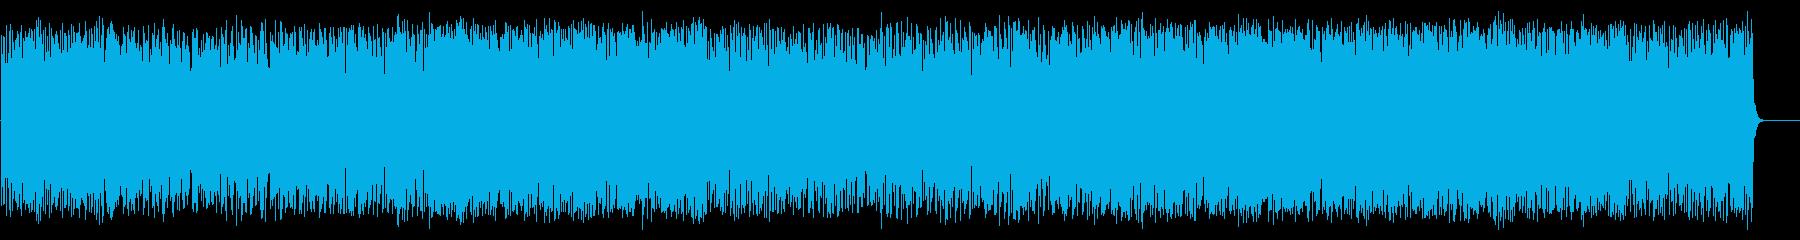 颯爽と繰り出す軽妙ポップ(フルサイズ)の再生済みの波形